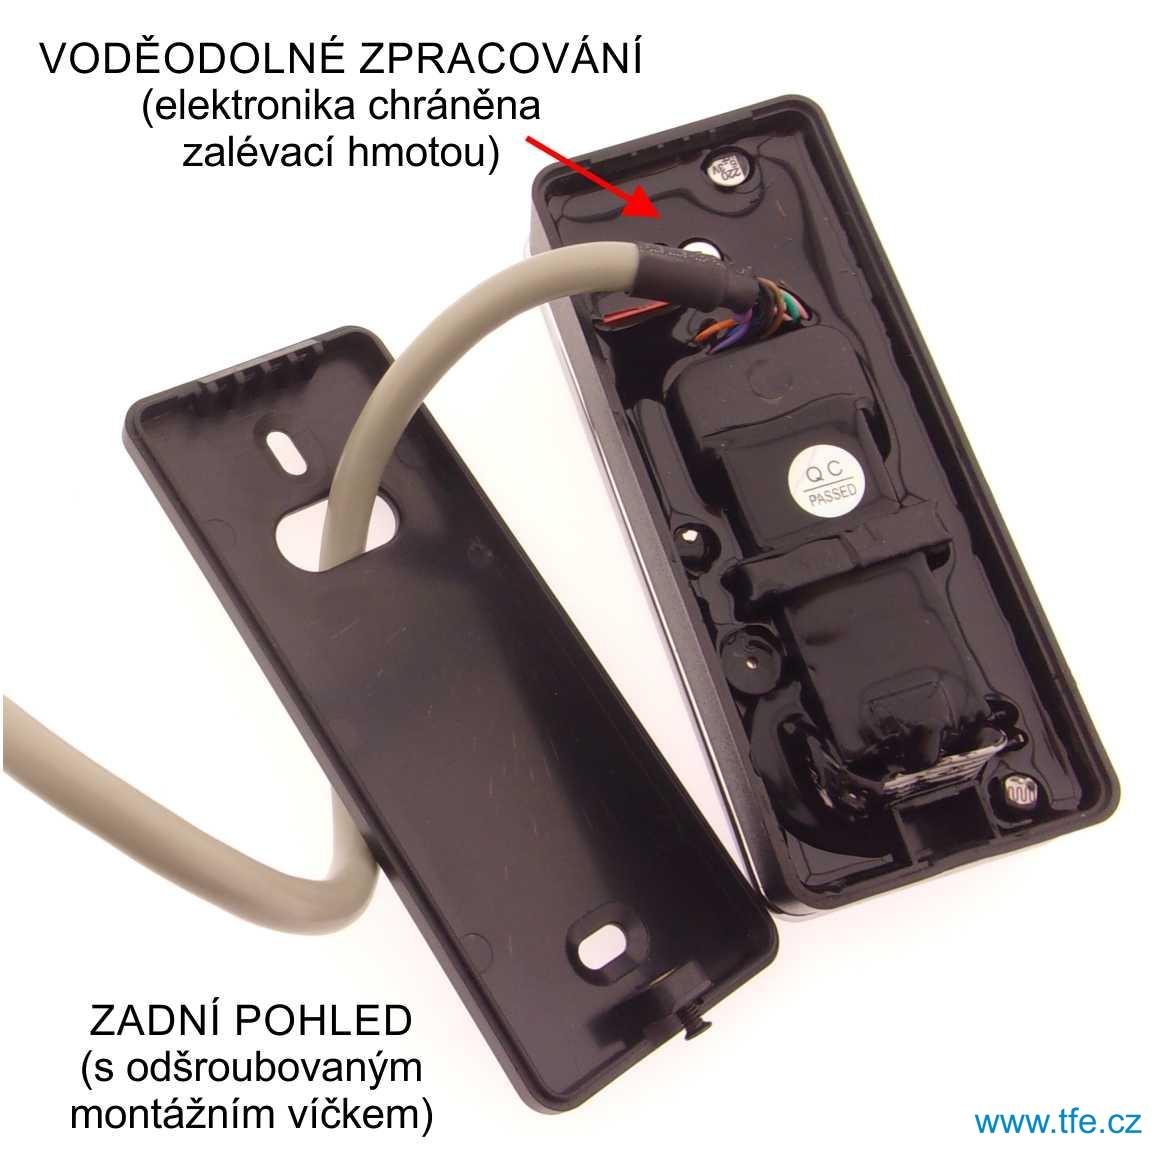 Přístupový systém s optickou čtečkou otisku prstů FCK10